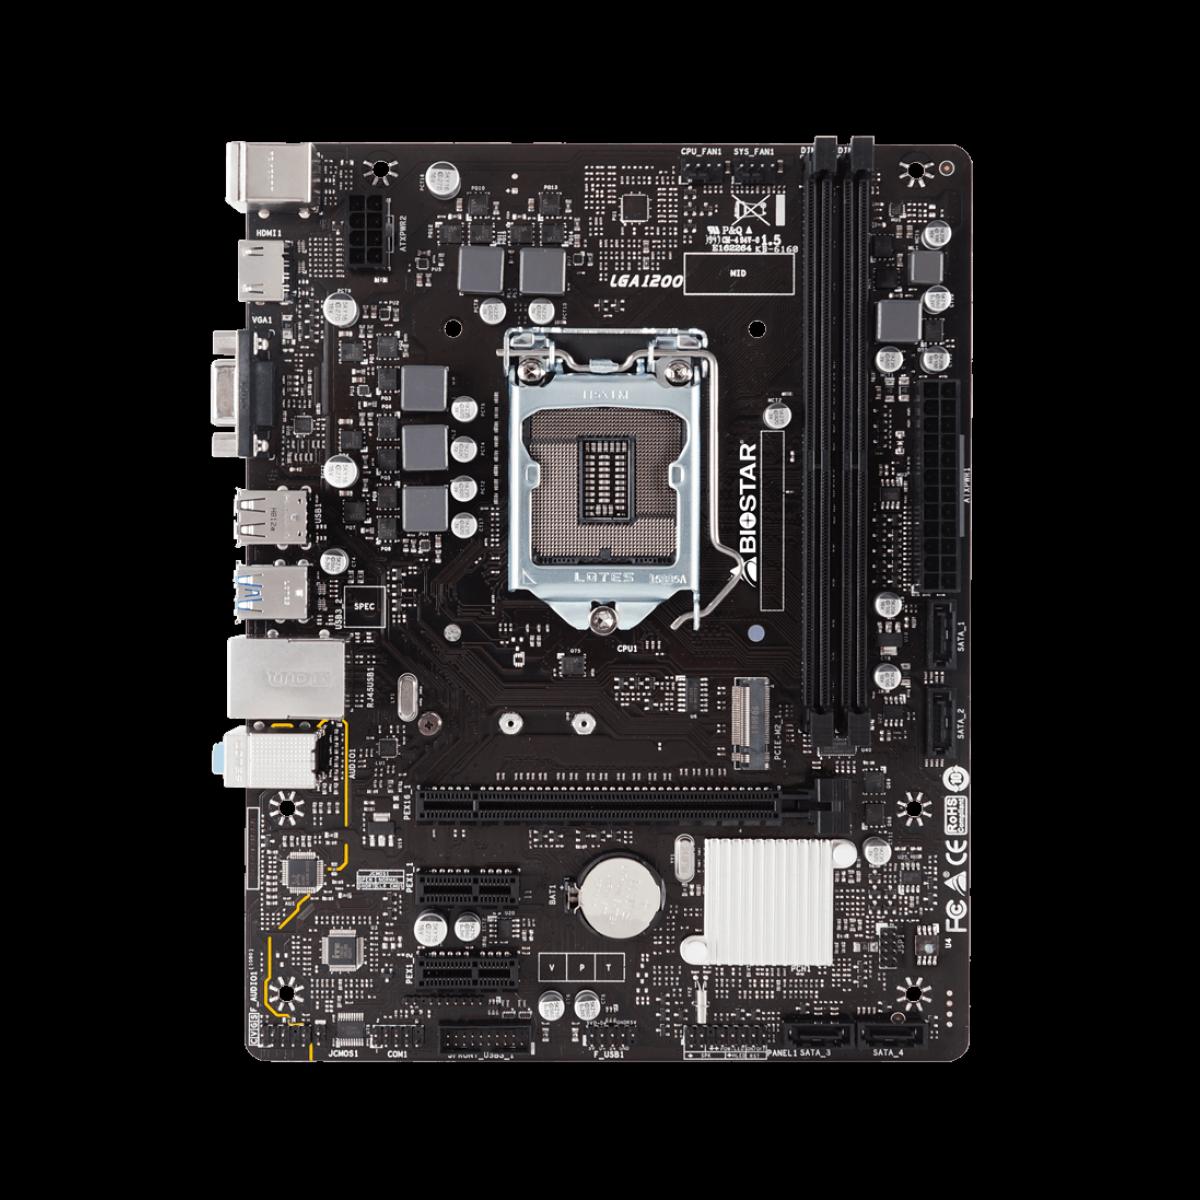 Kit Upgrade Biostar Radeon Rx 550 4GB +  Intel Core i5 10400F + Biostar H410MH VER 6.0